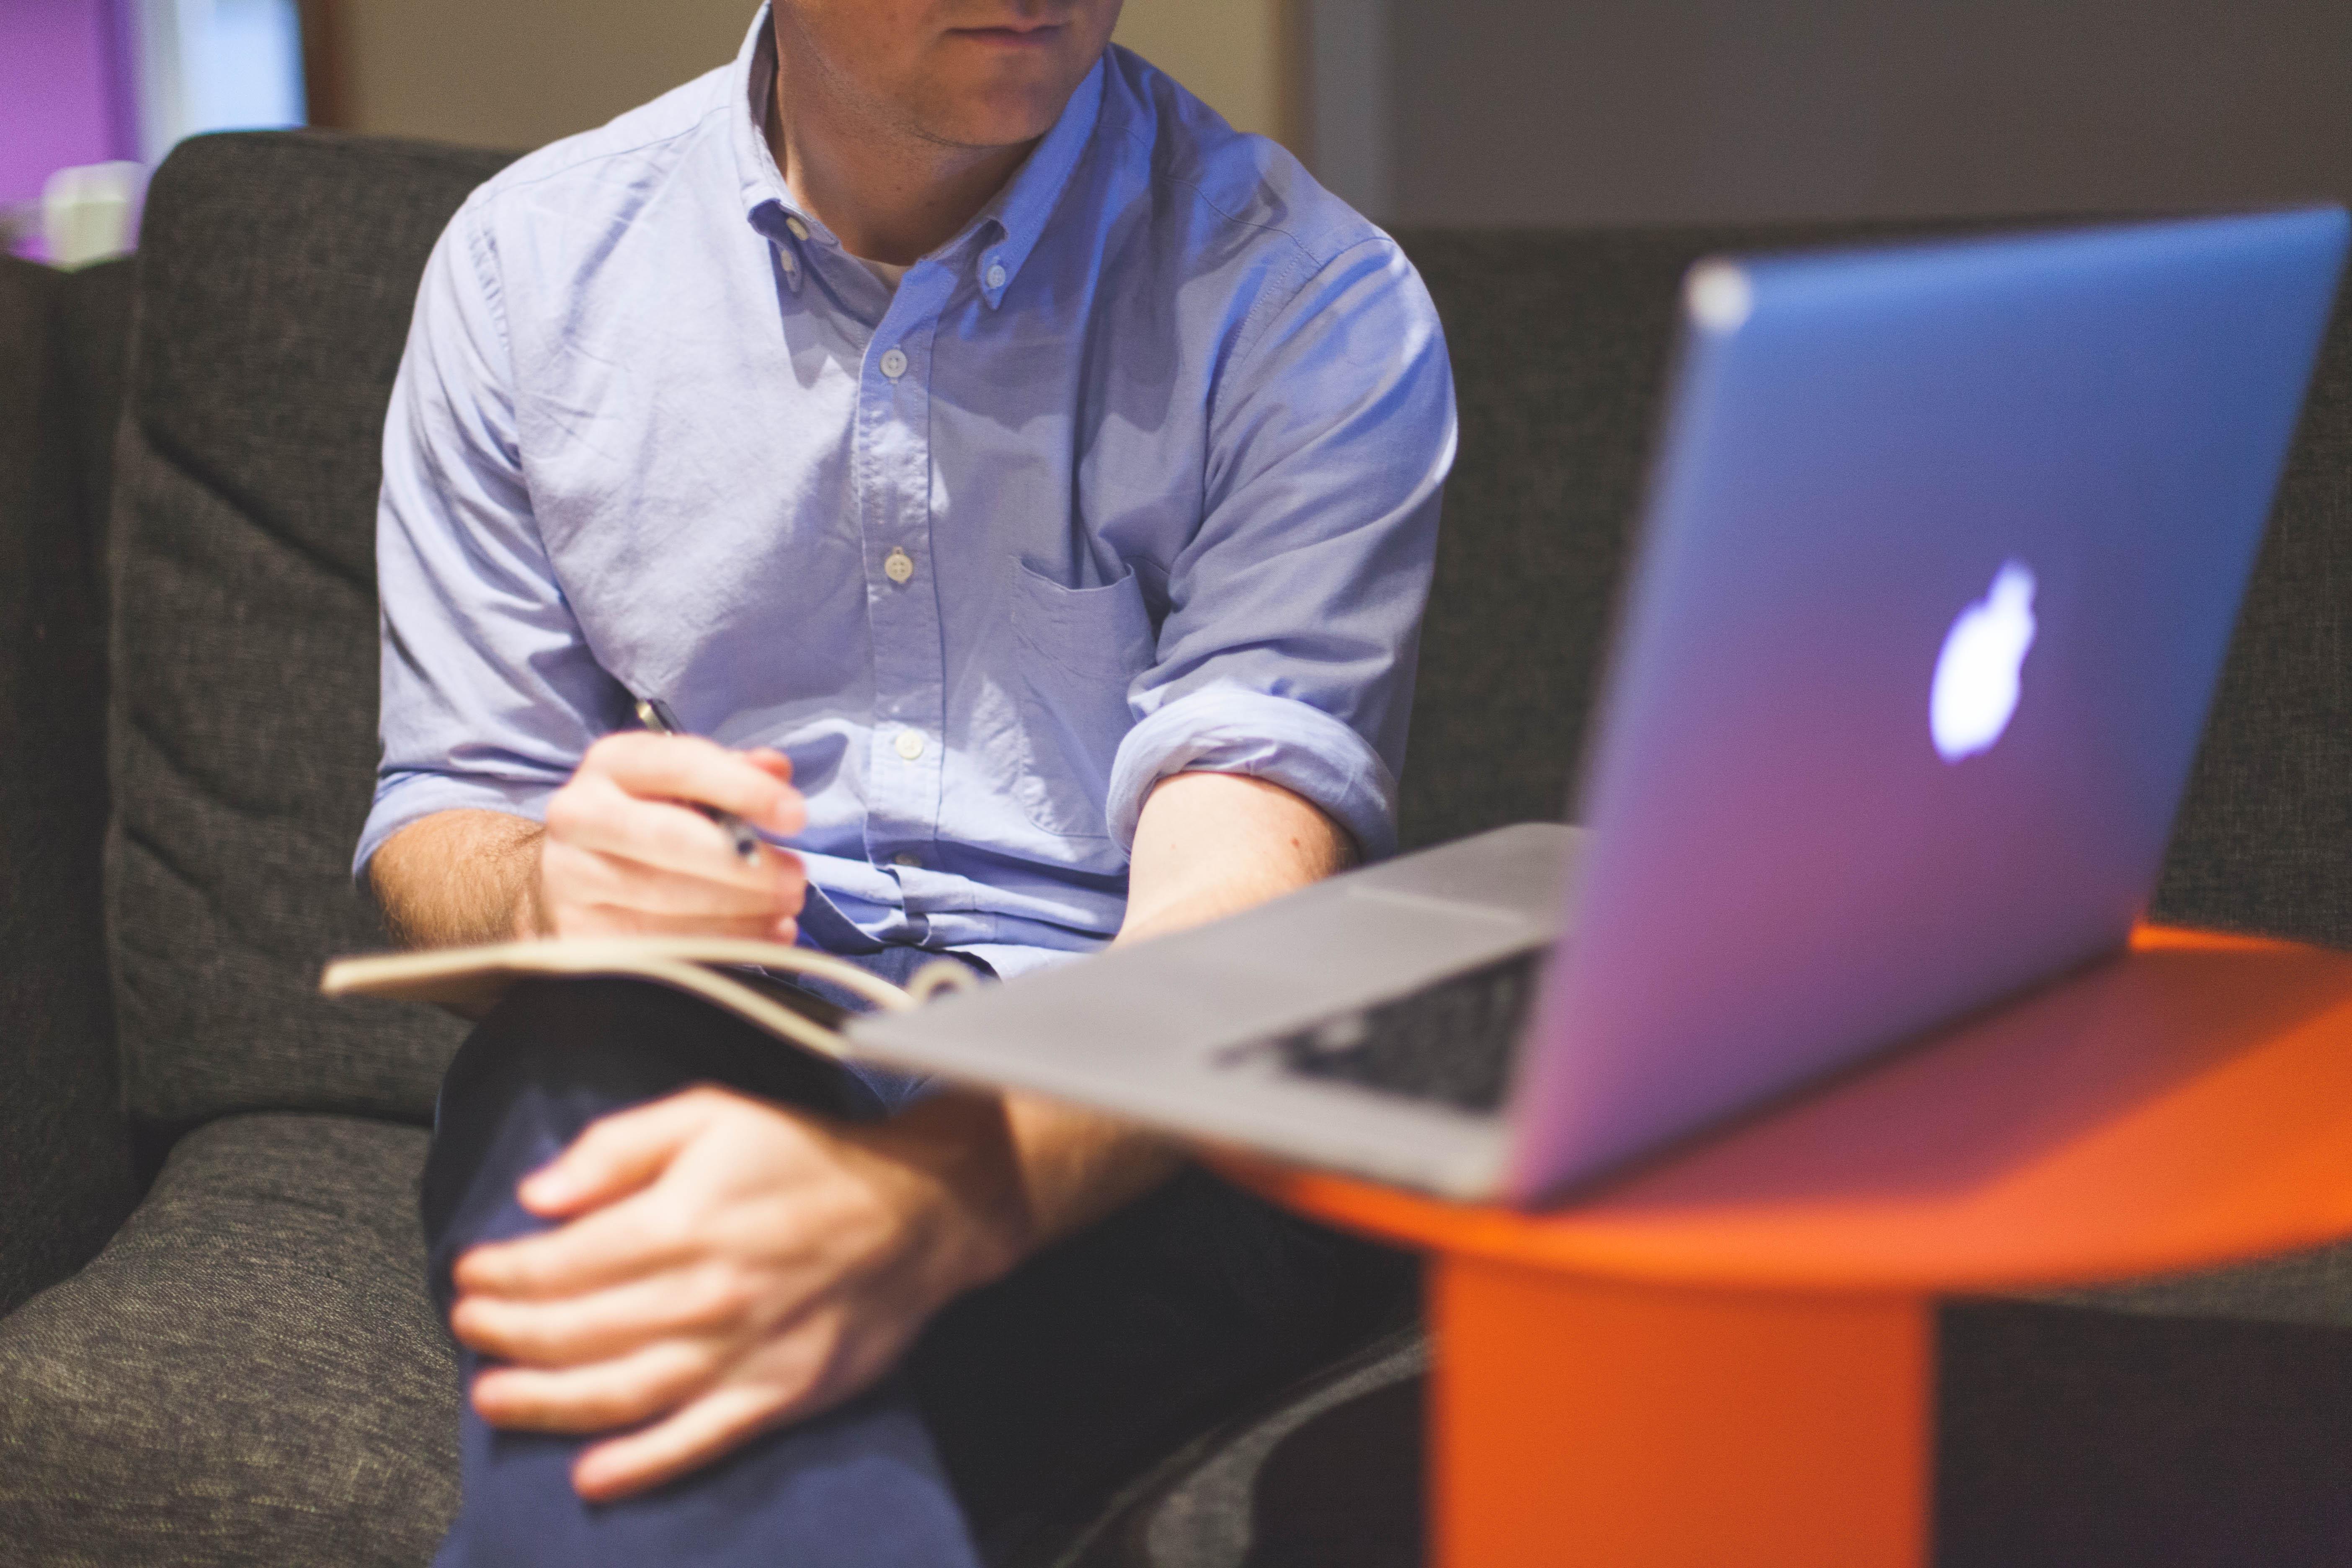 組み込み系エンジニアがWeb系へ転職するときの4つのポイント